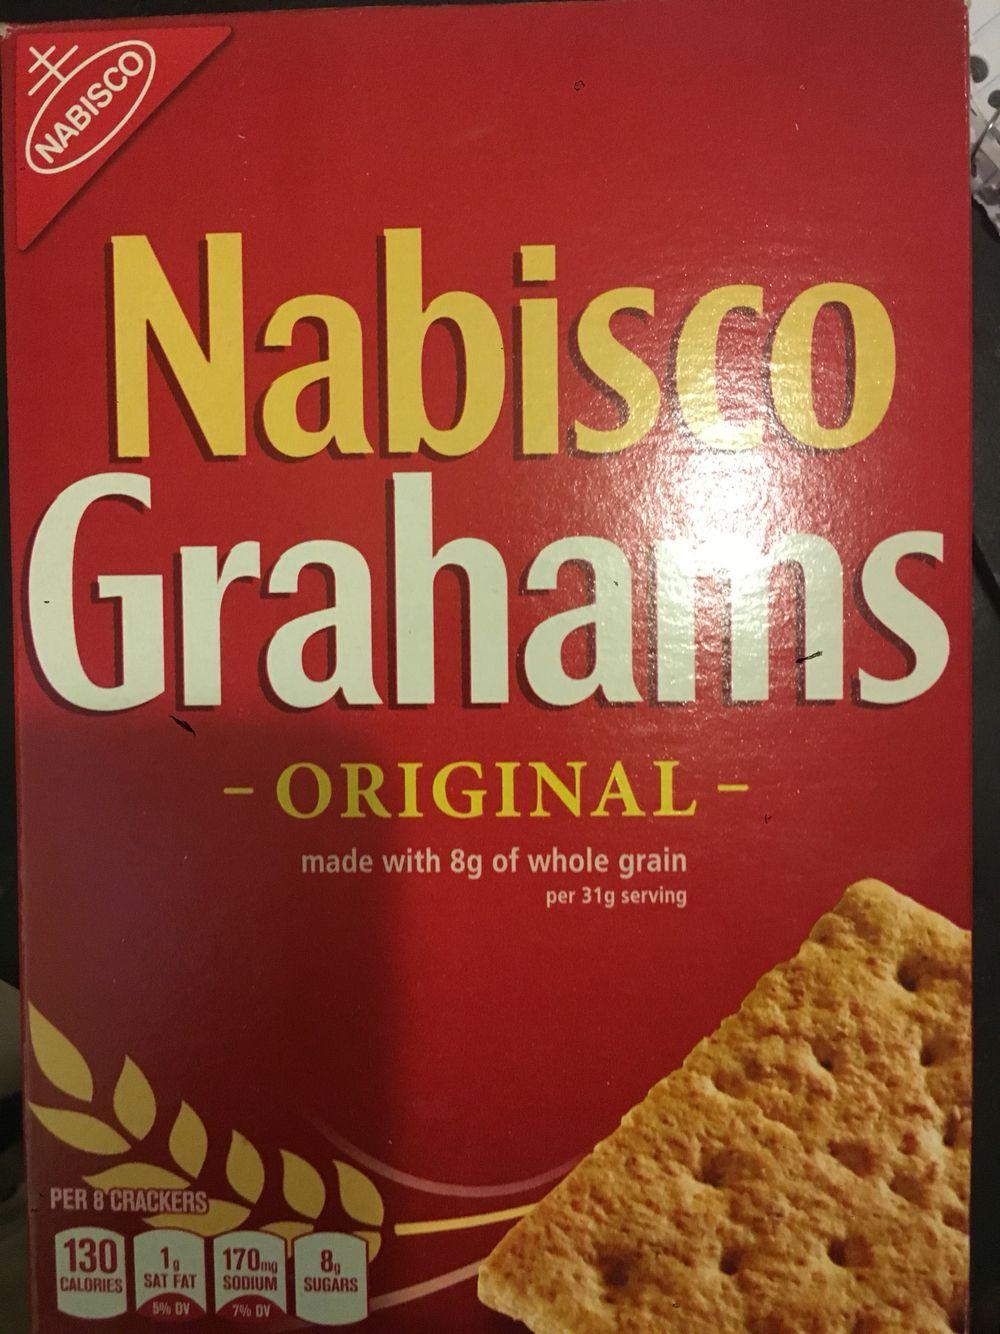 Graham crackers Walmart Nabisco, Graham crackers, Crackers